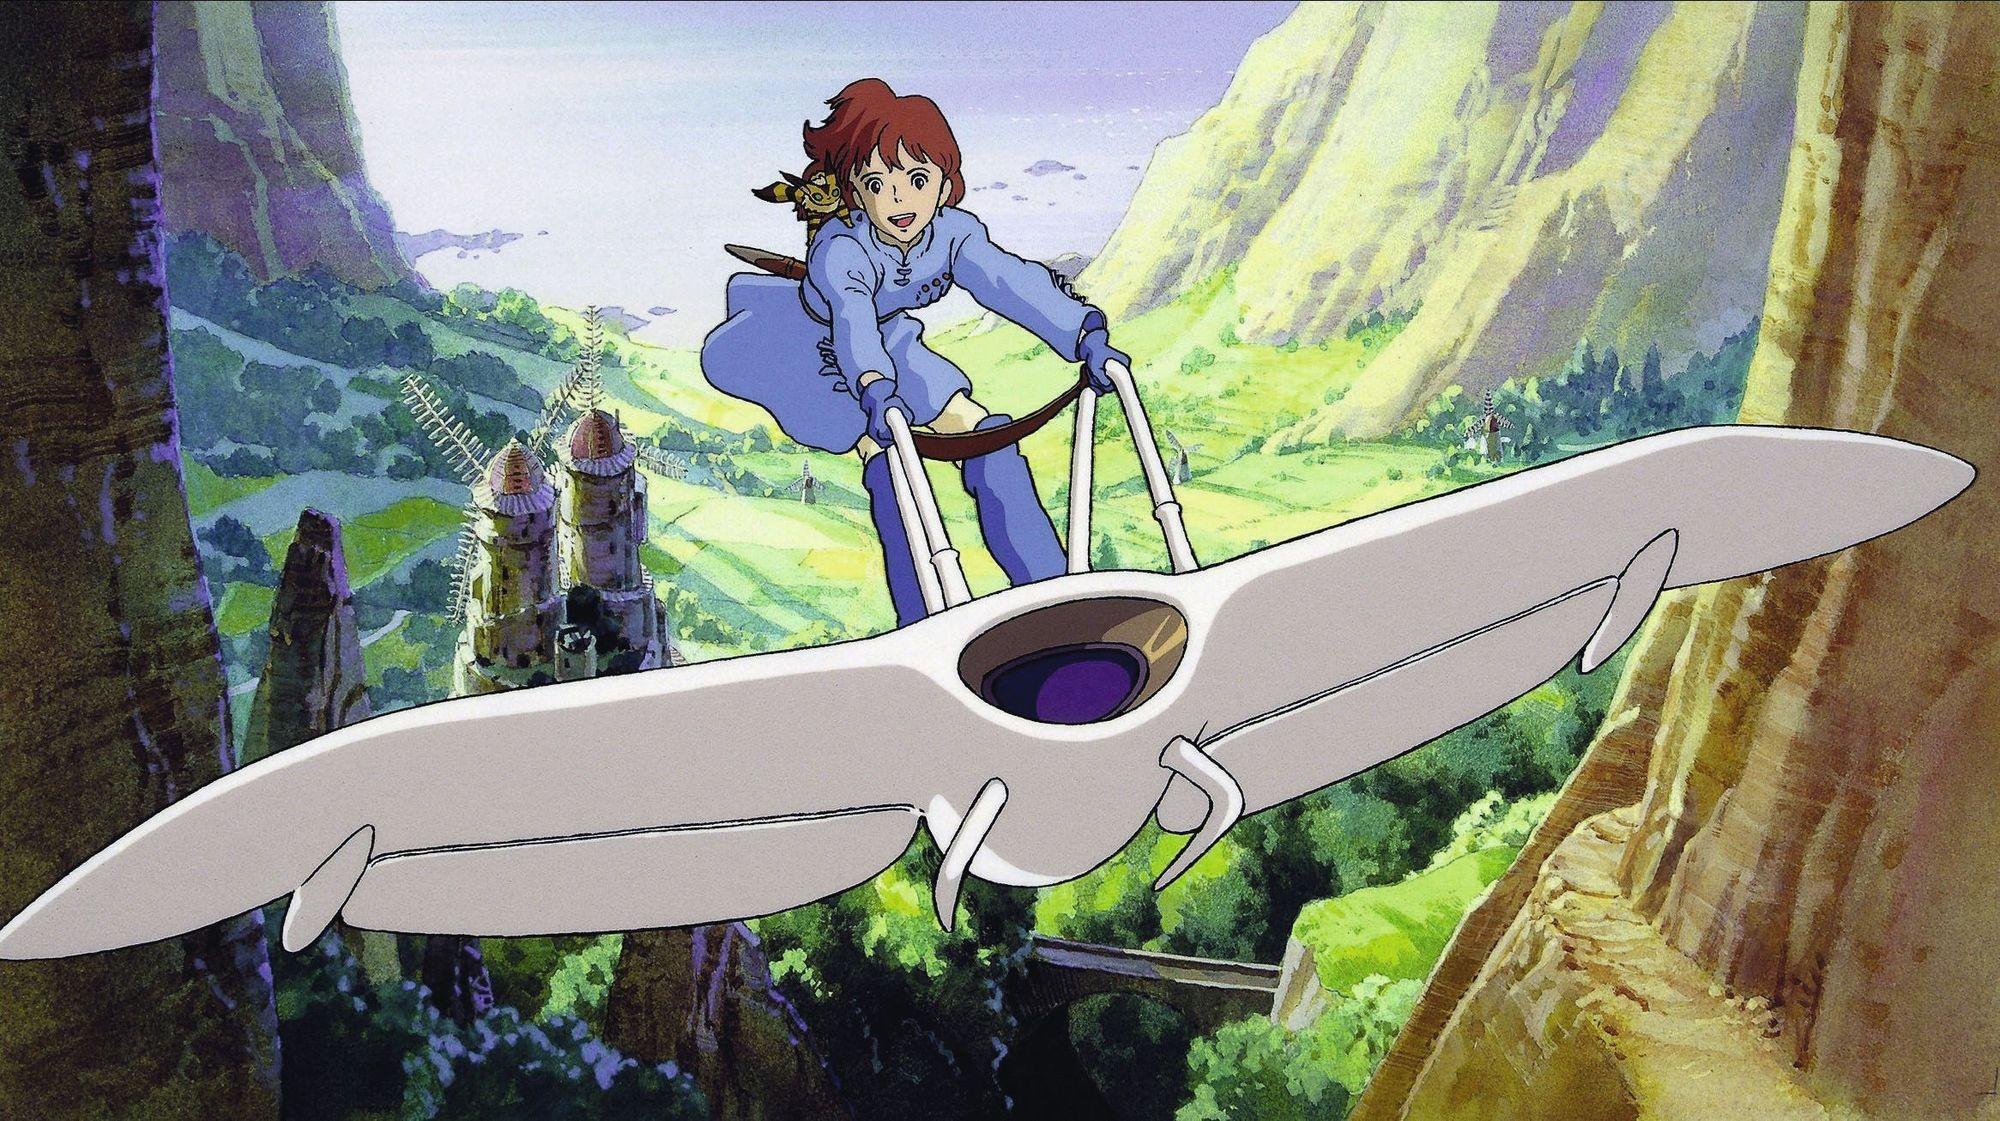 Nausicaä sur son « mehve », Nausicaä de la vallée du vent, film d'animation japonais réalisé par Hayao Miyazaki, 1984.